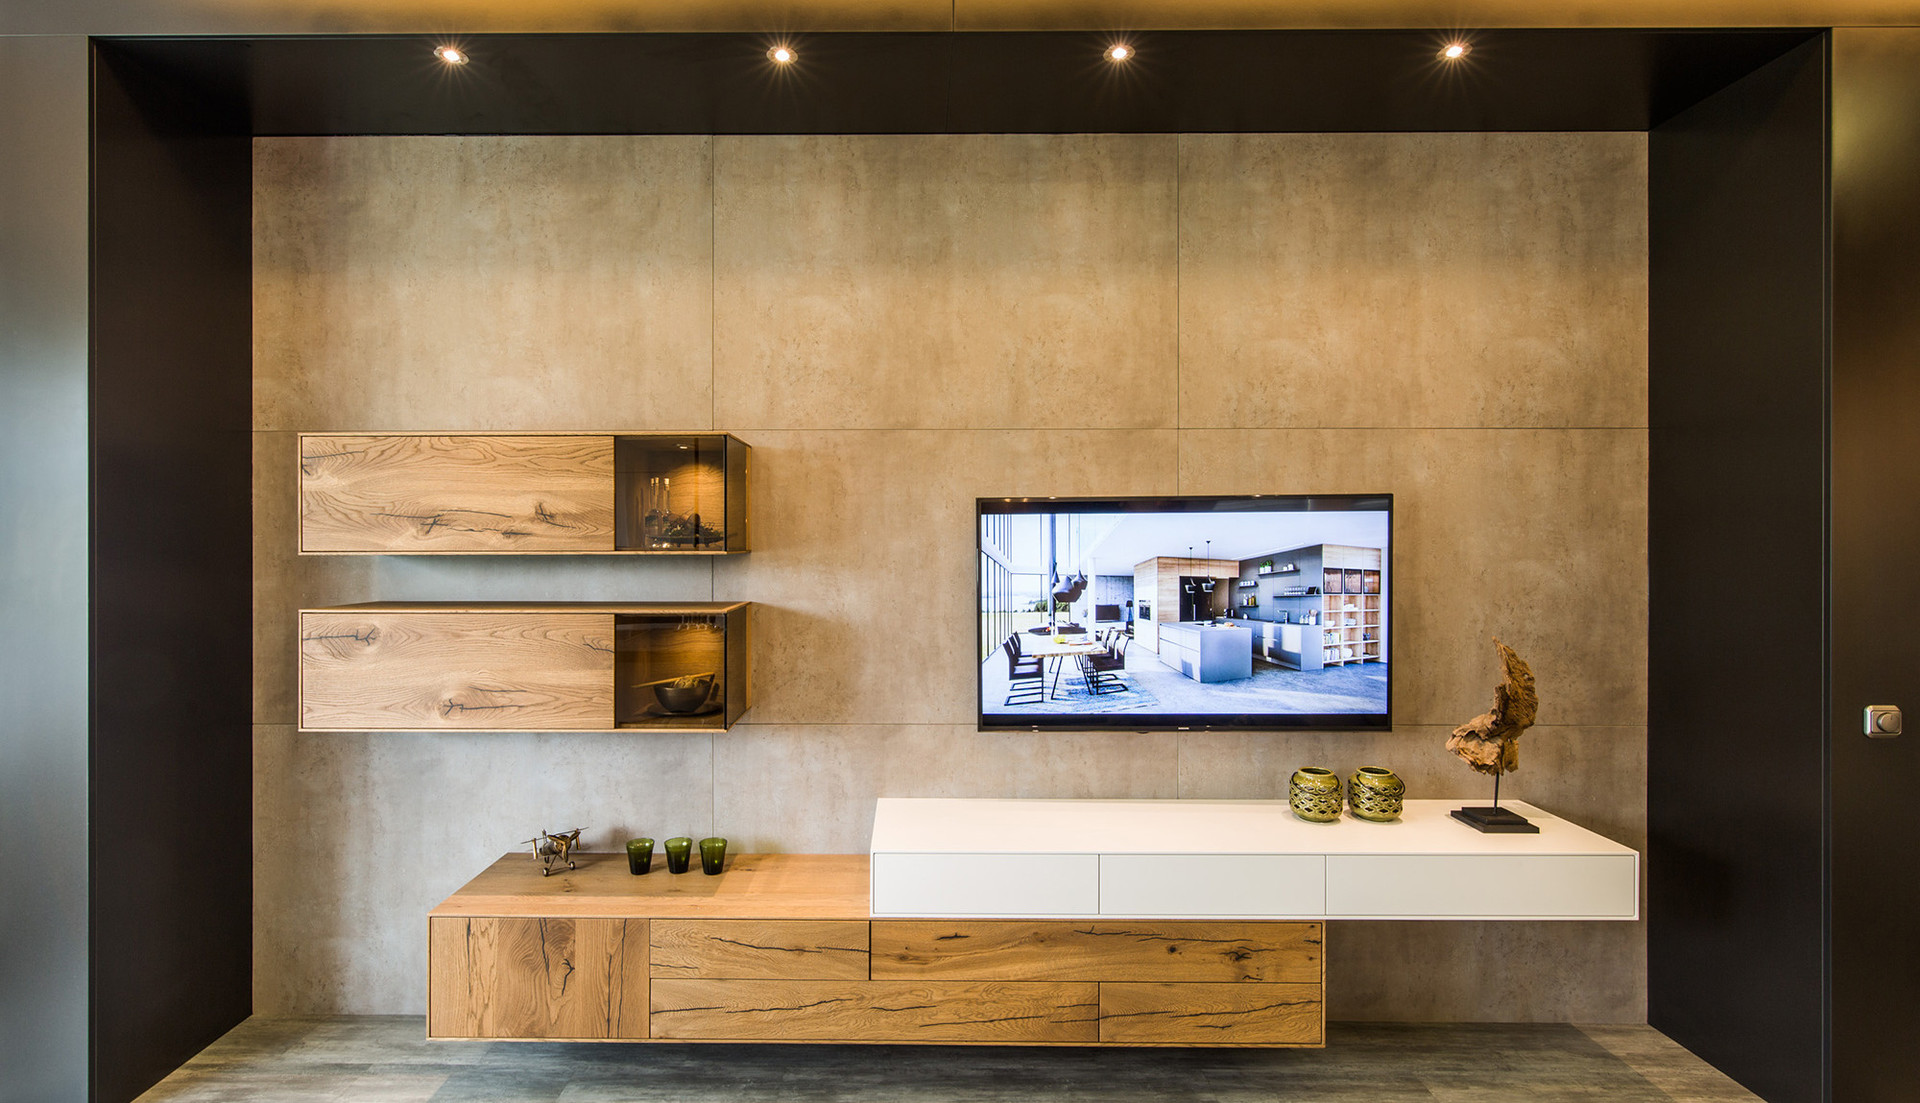 Wohnzimmer Planen Und Einrichten Mit Nbauer Marchtrenk